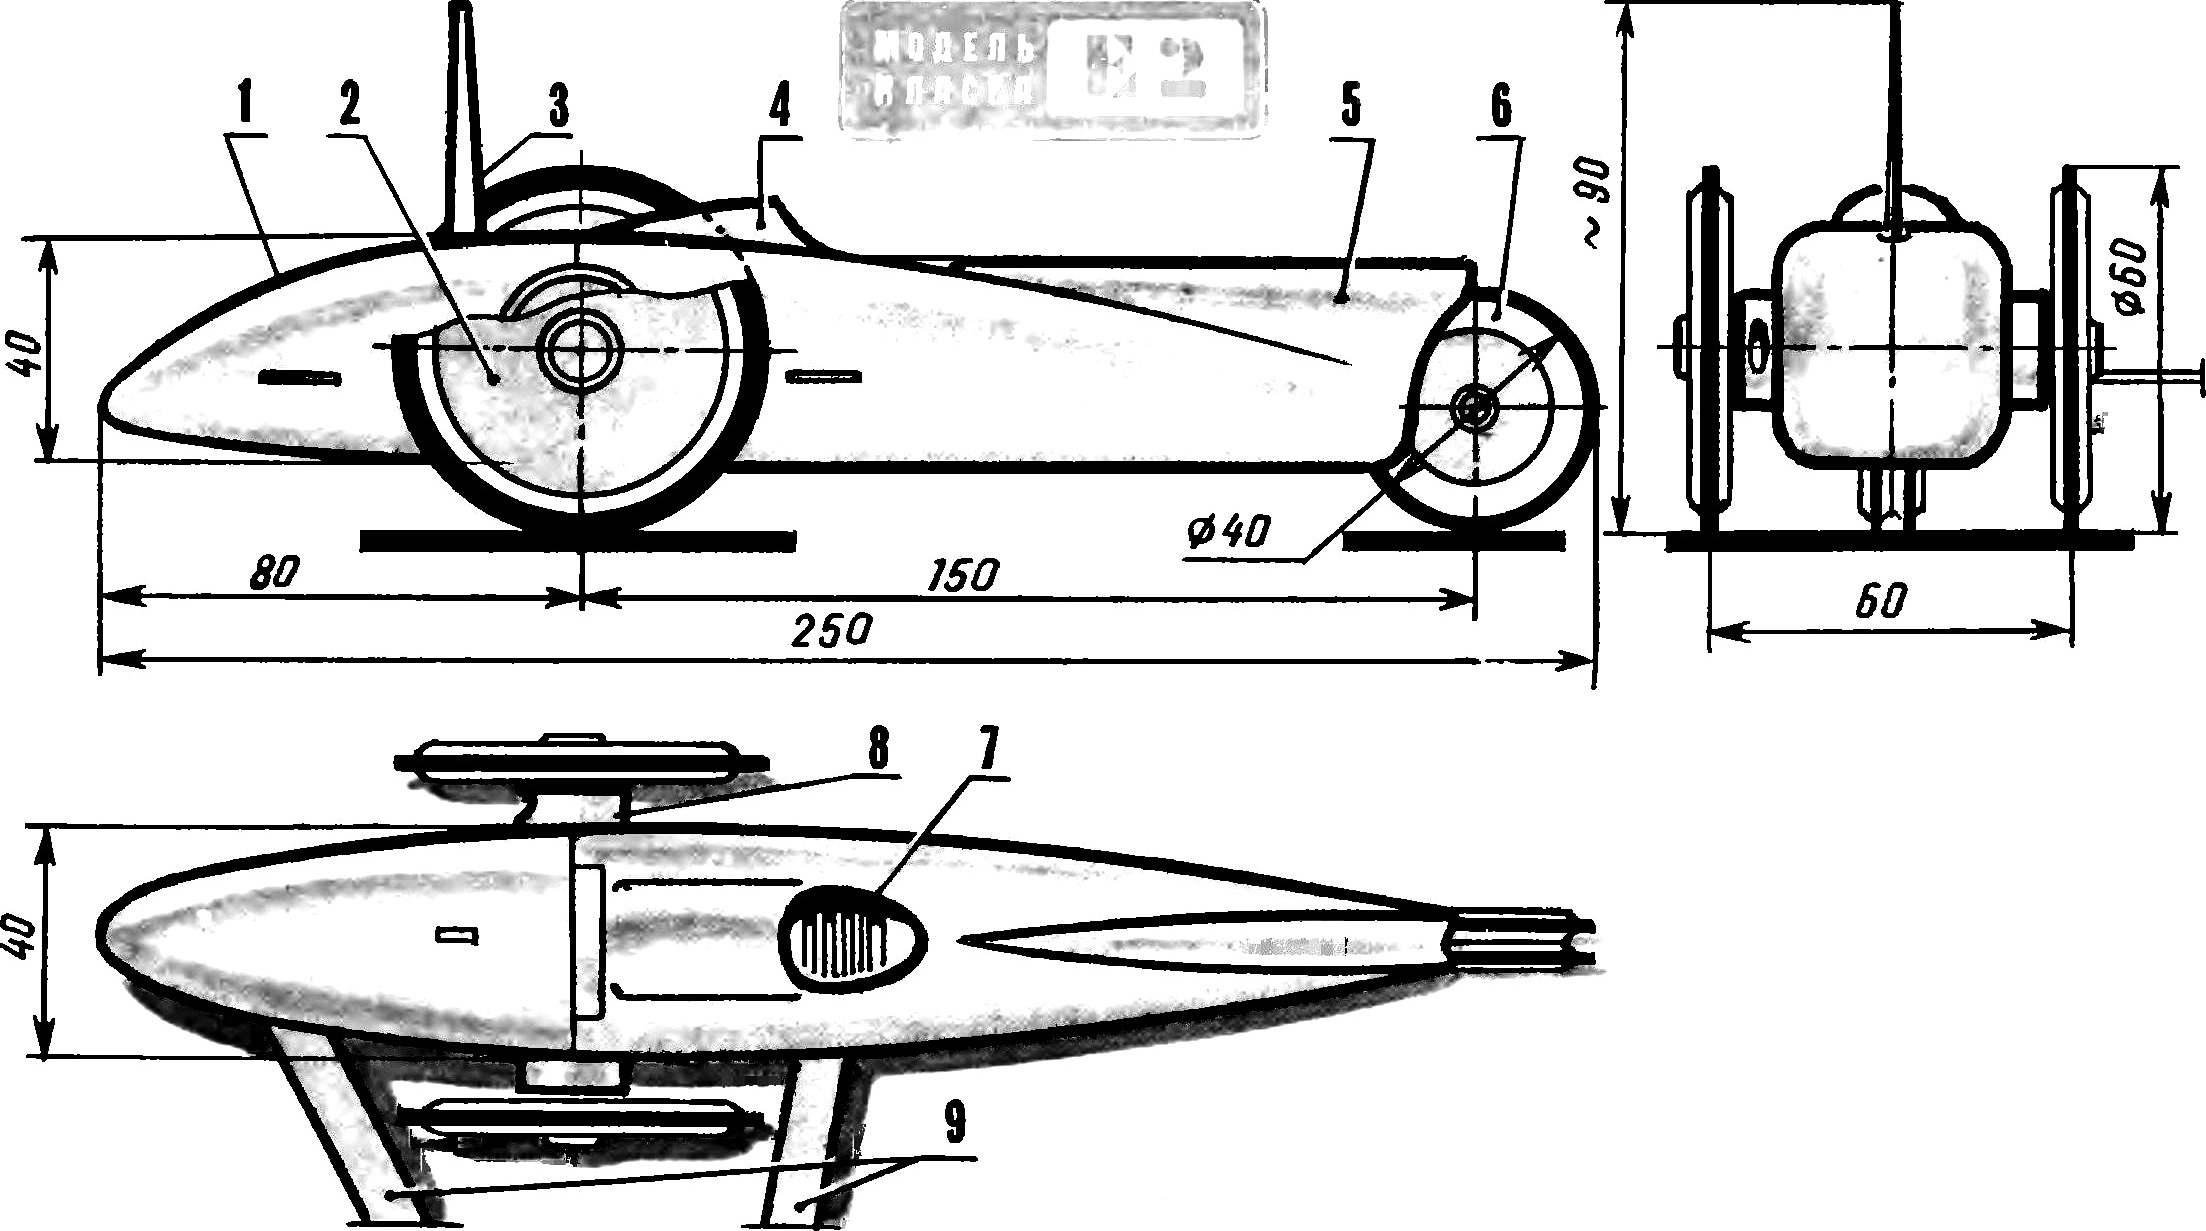 Кордовая гоночная автомодель с двигателем рабочим объемом 2,5 см3.